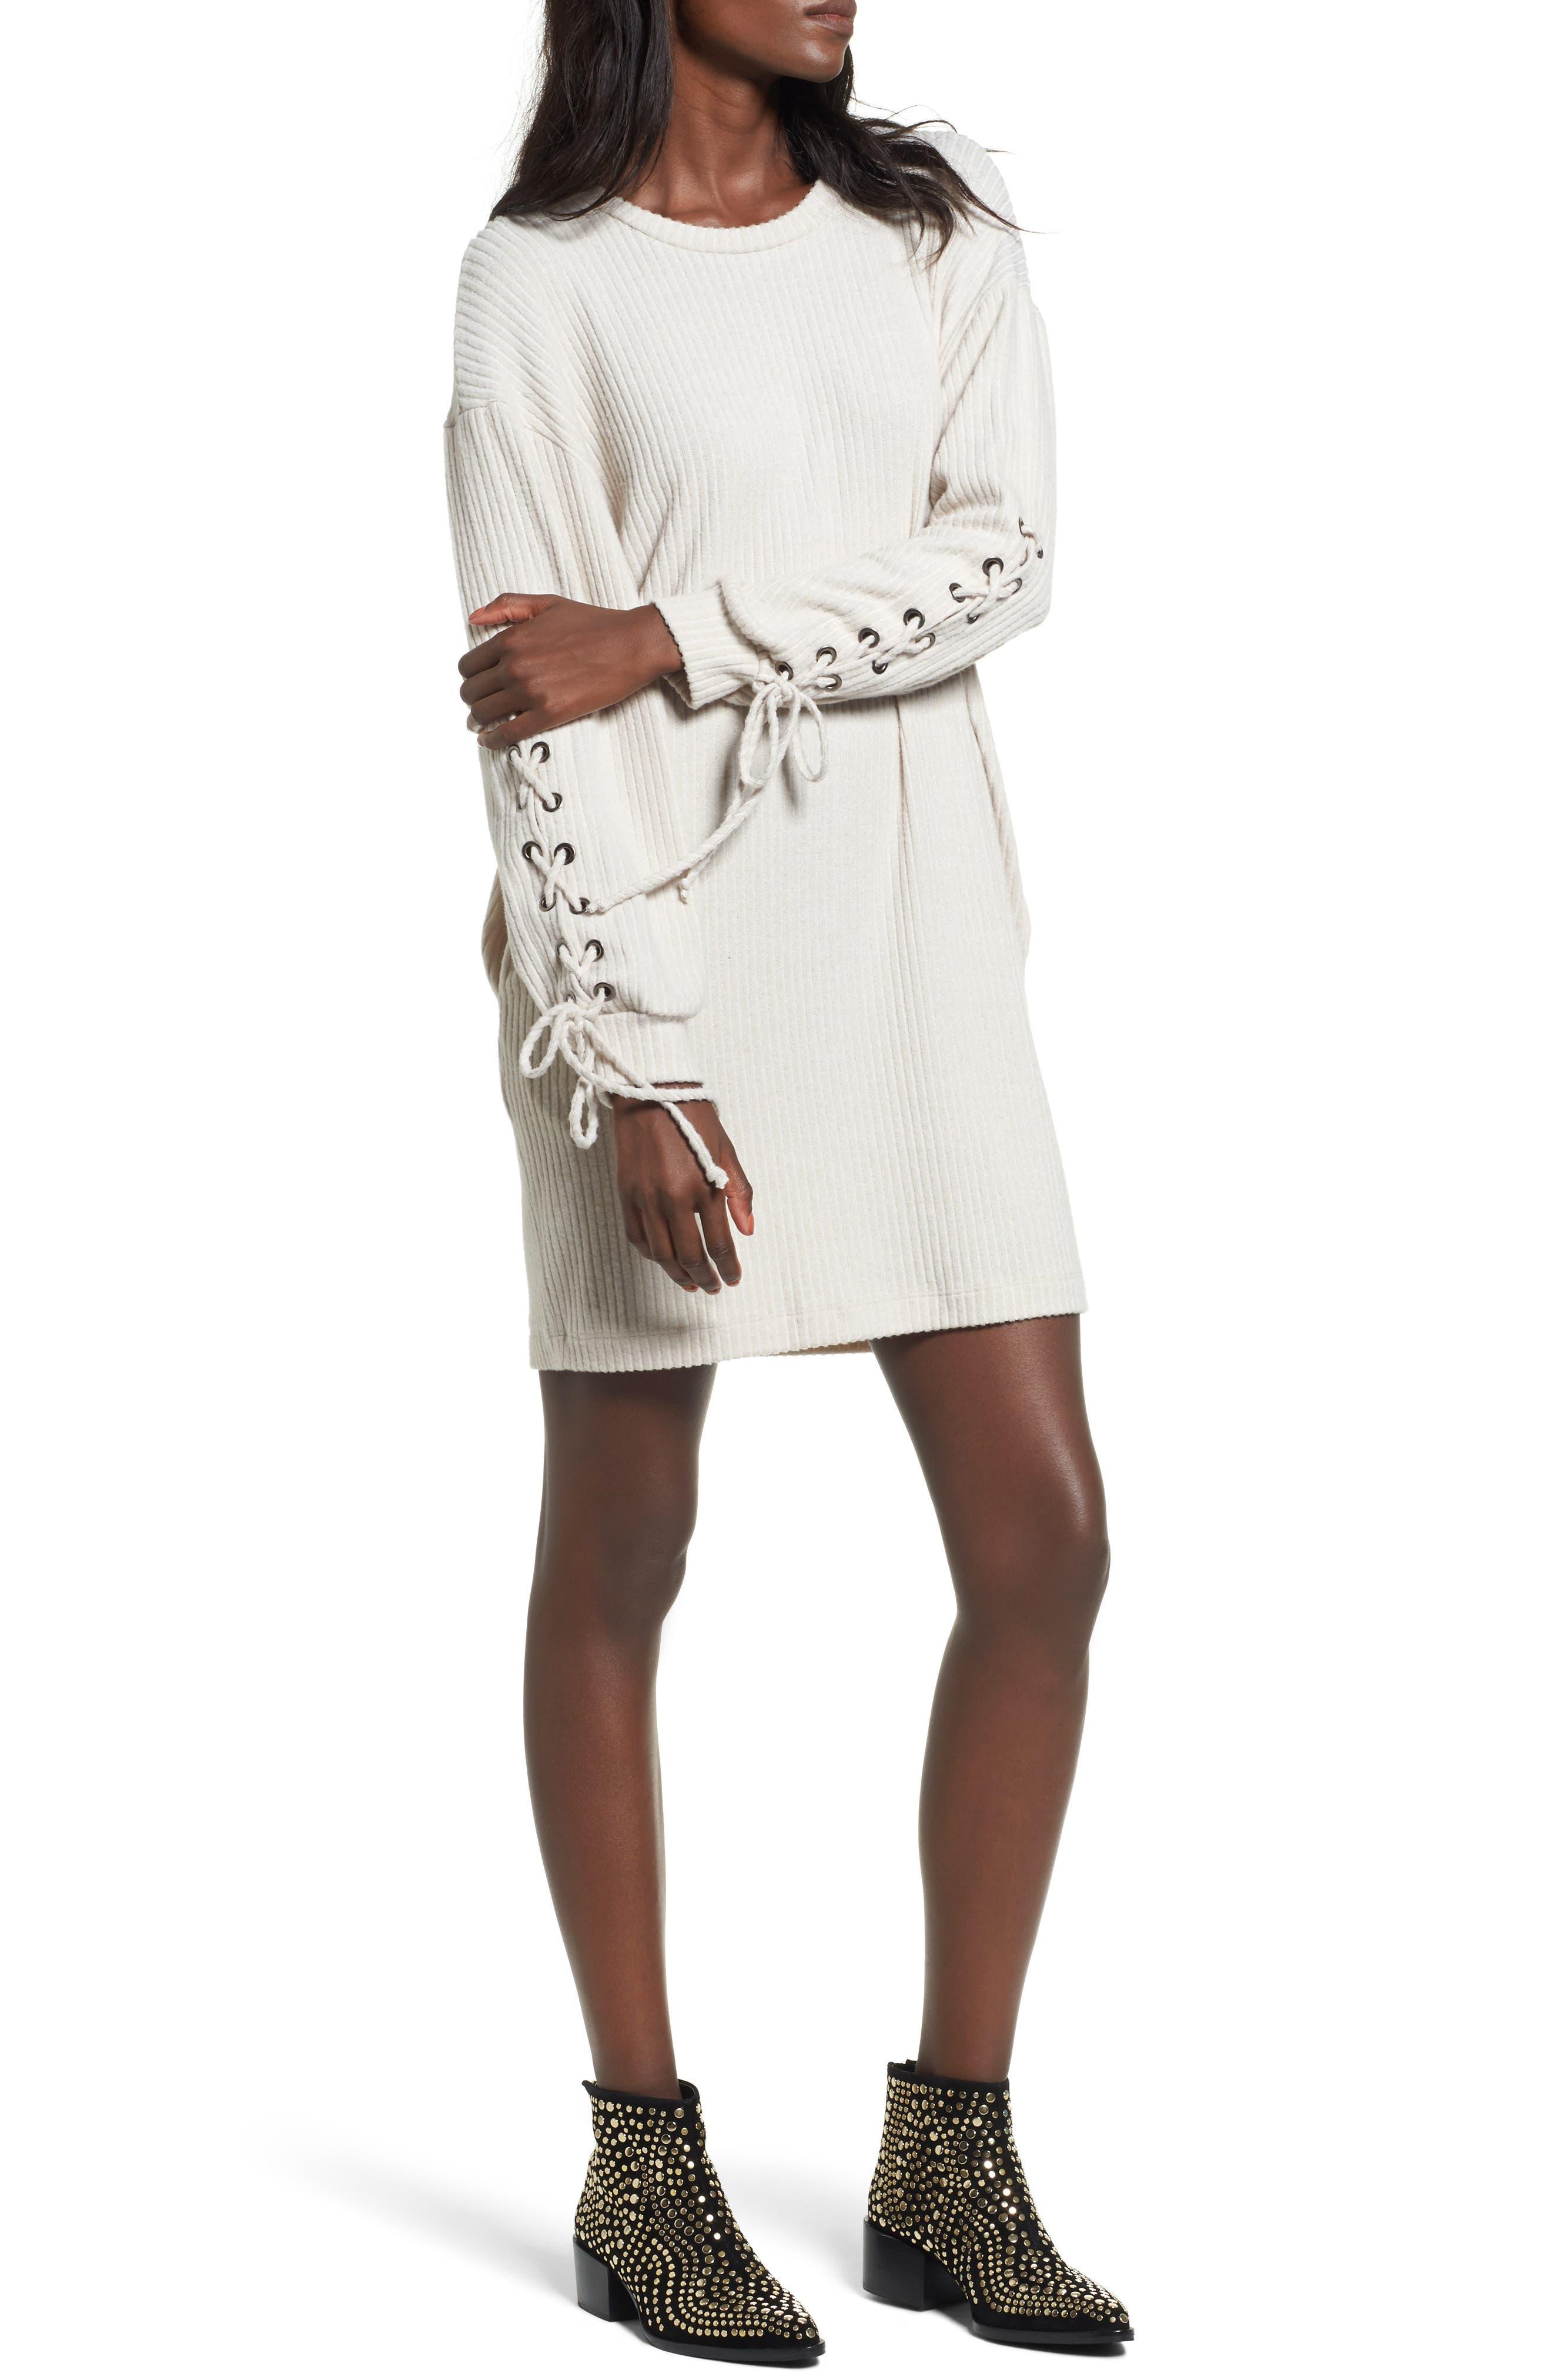 Main Image - Lace-Up Sweater Dress